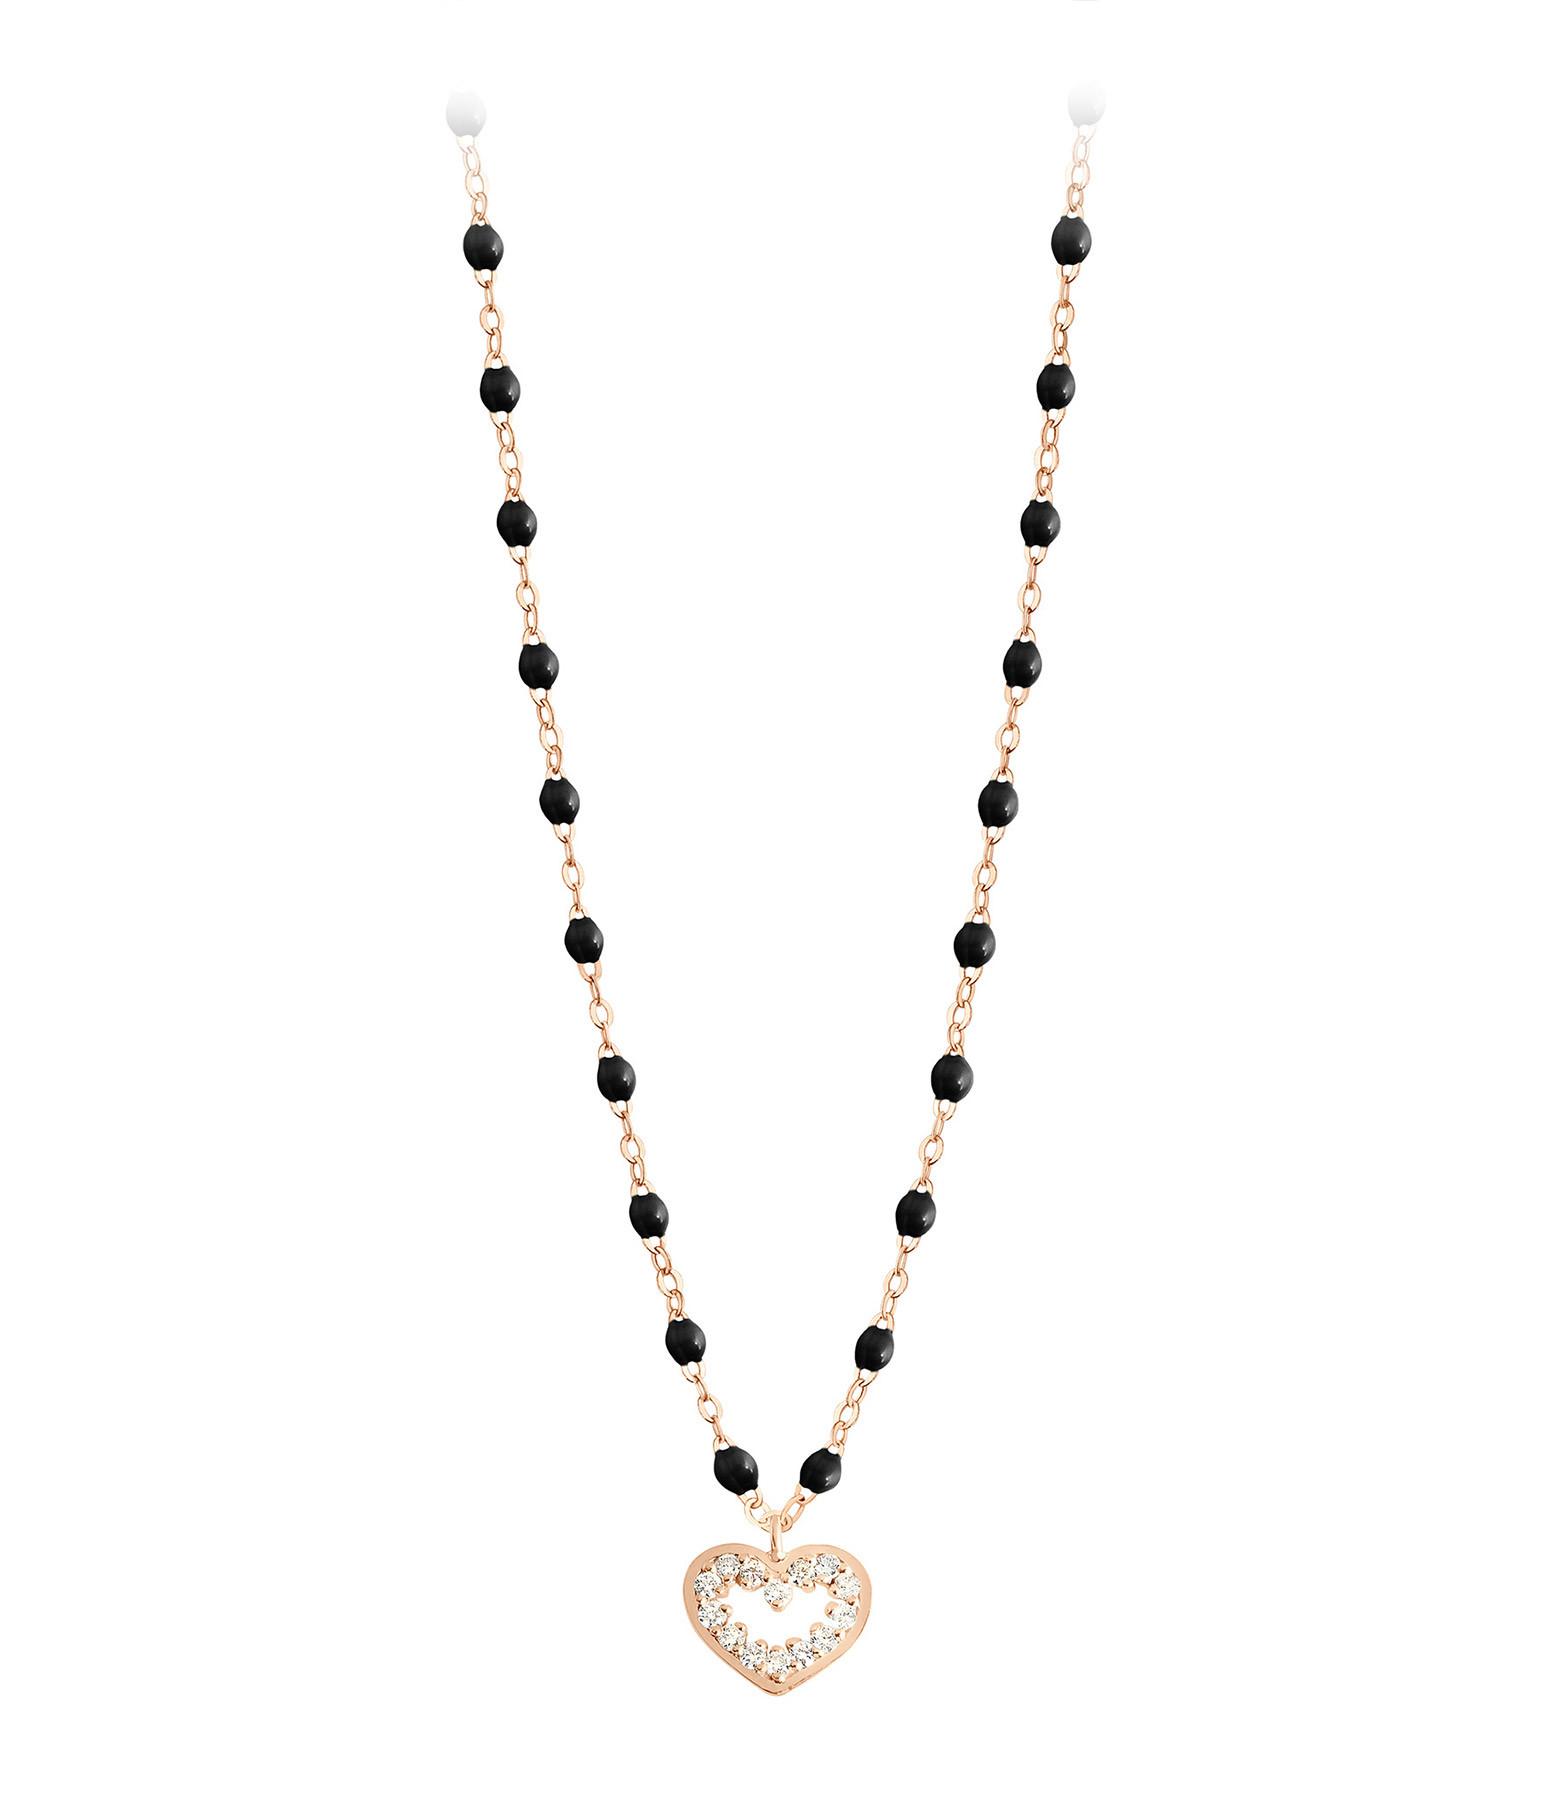 GIGI CLOZEAU - Collier Perles Résine Lucky Cœur Suprême Diamants Or Rose